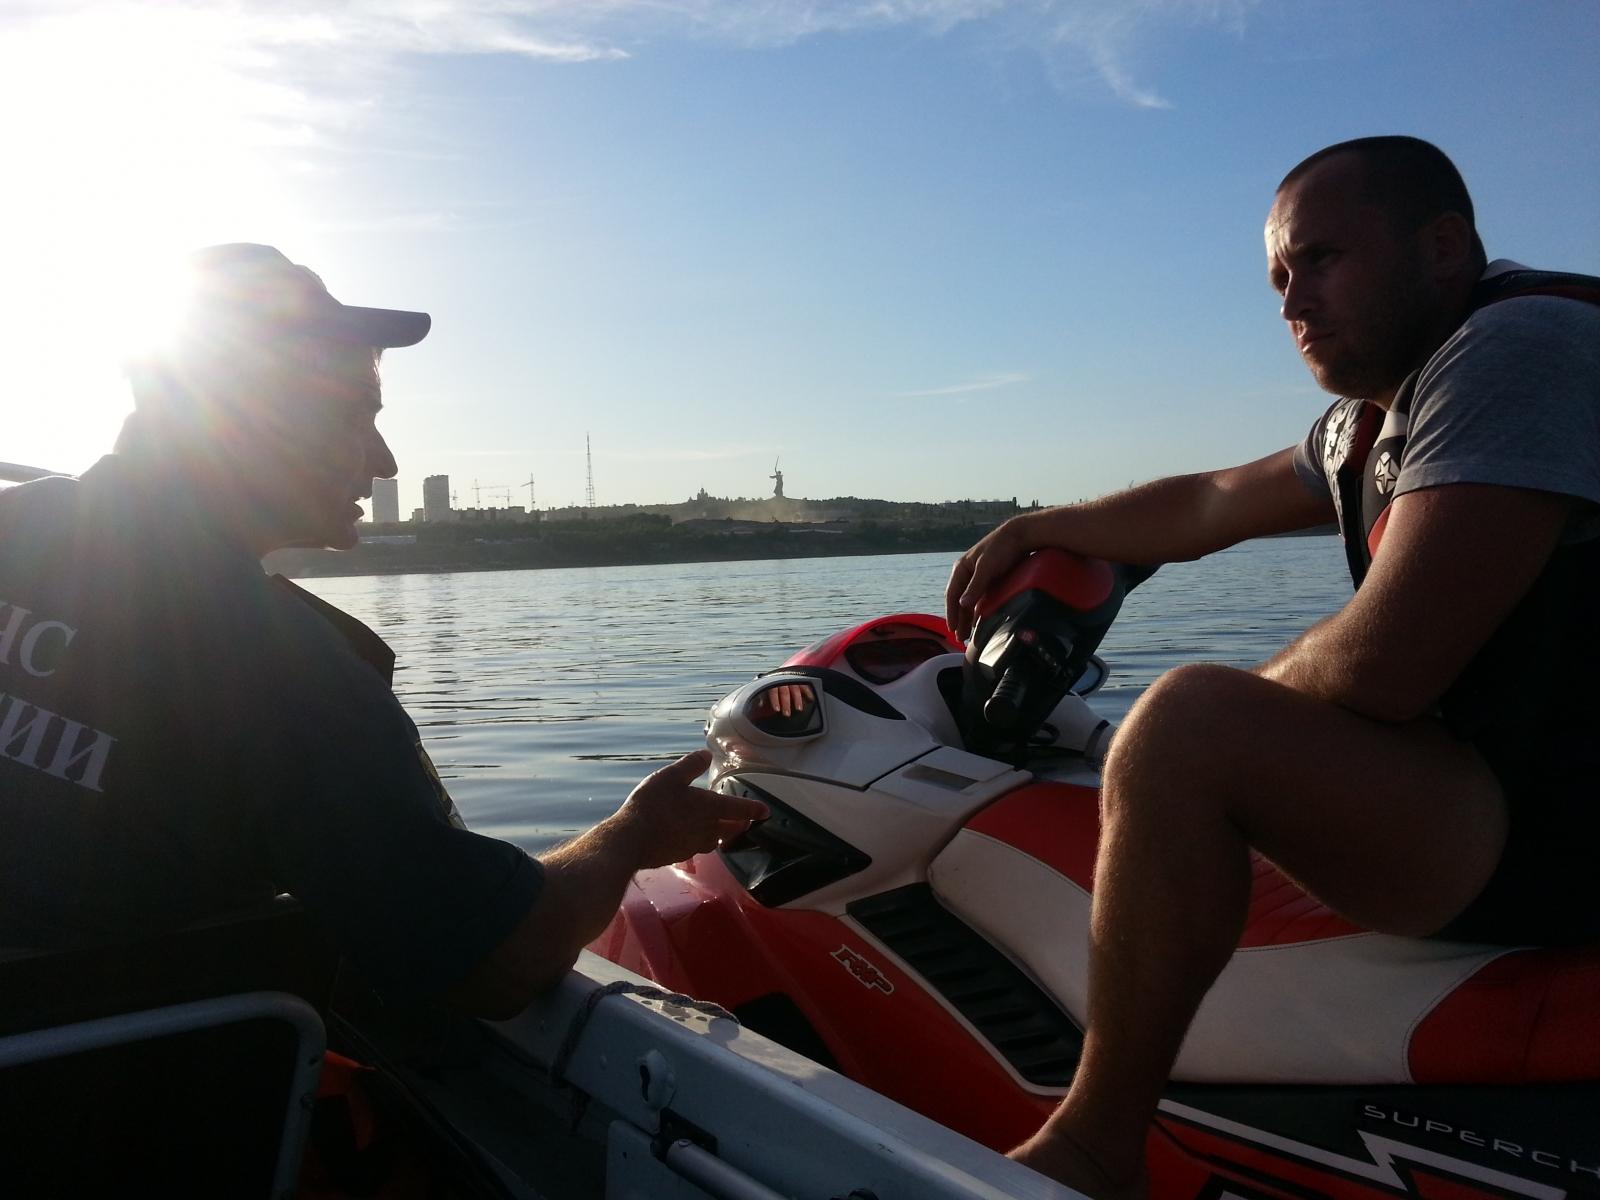 ГИМС напоминает: без соблюдения правил безопасности отдых на водных объектах может закончиться трагедией